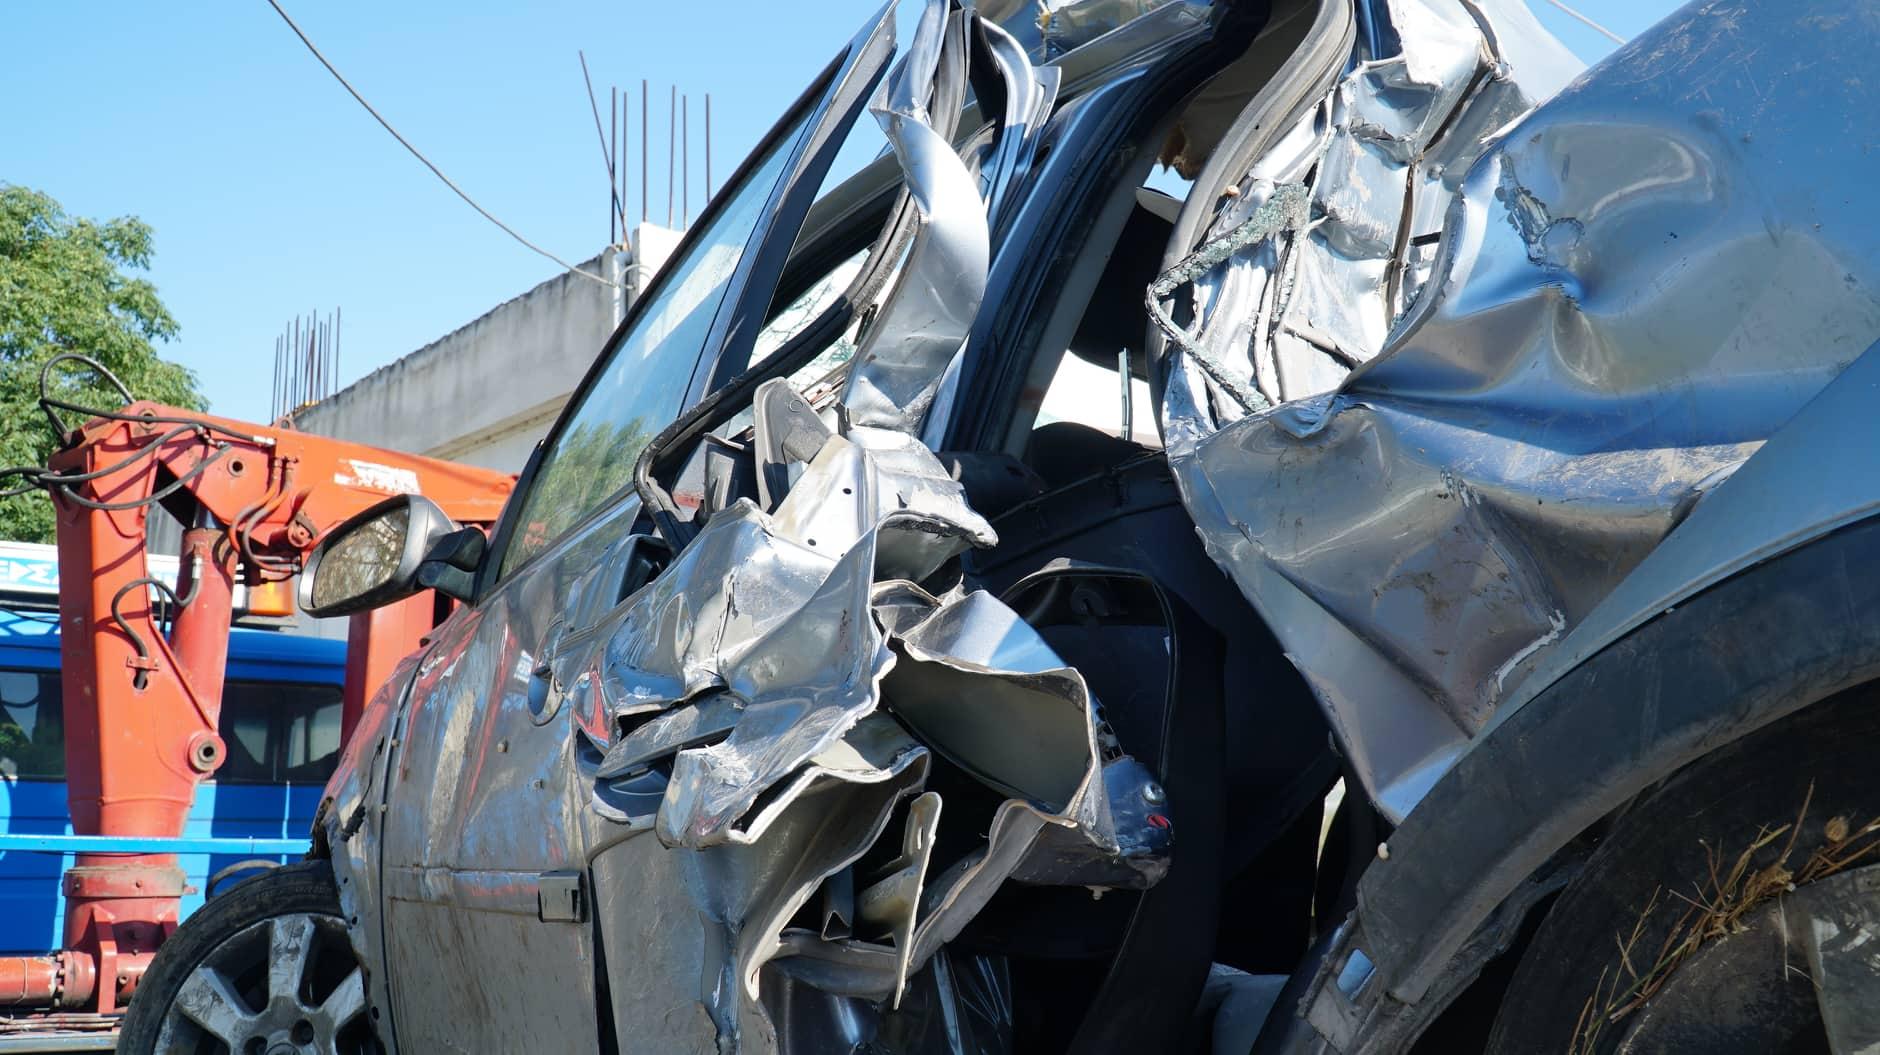 Σφορδρό τροχαίο στη Λάρισα: Υπάρχουν νεκροί